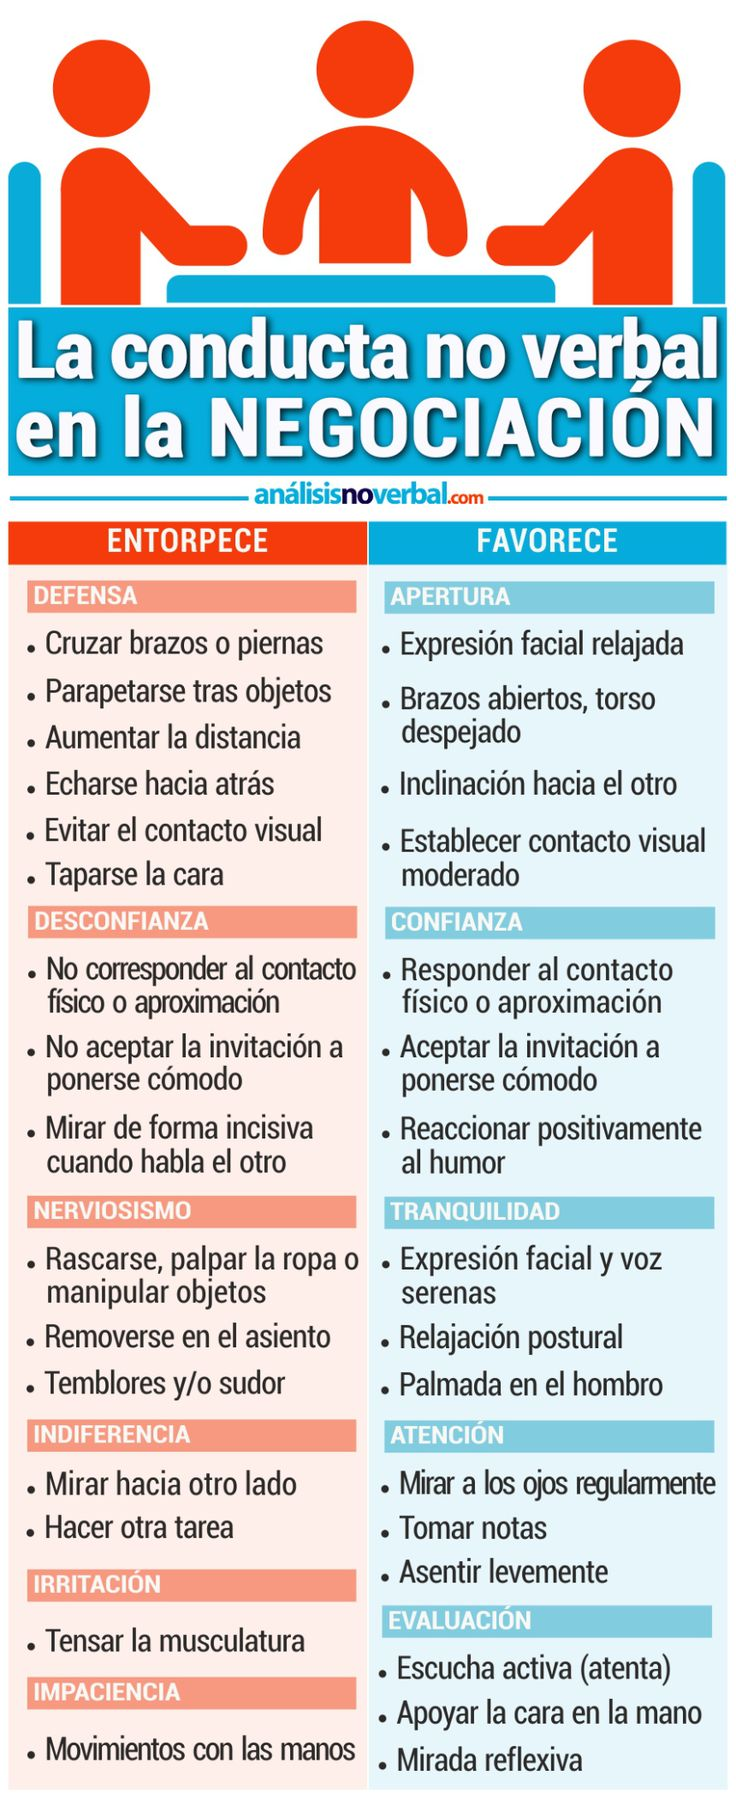 MJH. La conducta no verbal de la Negociación #infografia #infographic Ideas Desarrollo Personal para www.masymejor.com